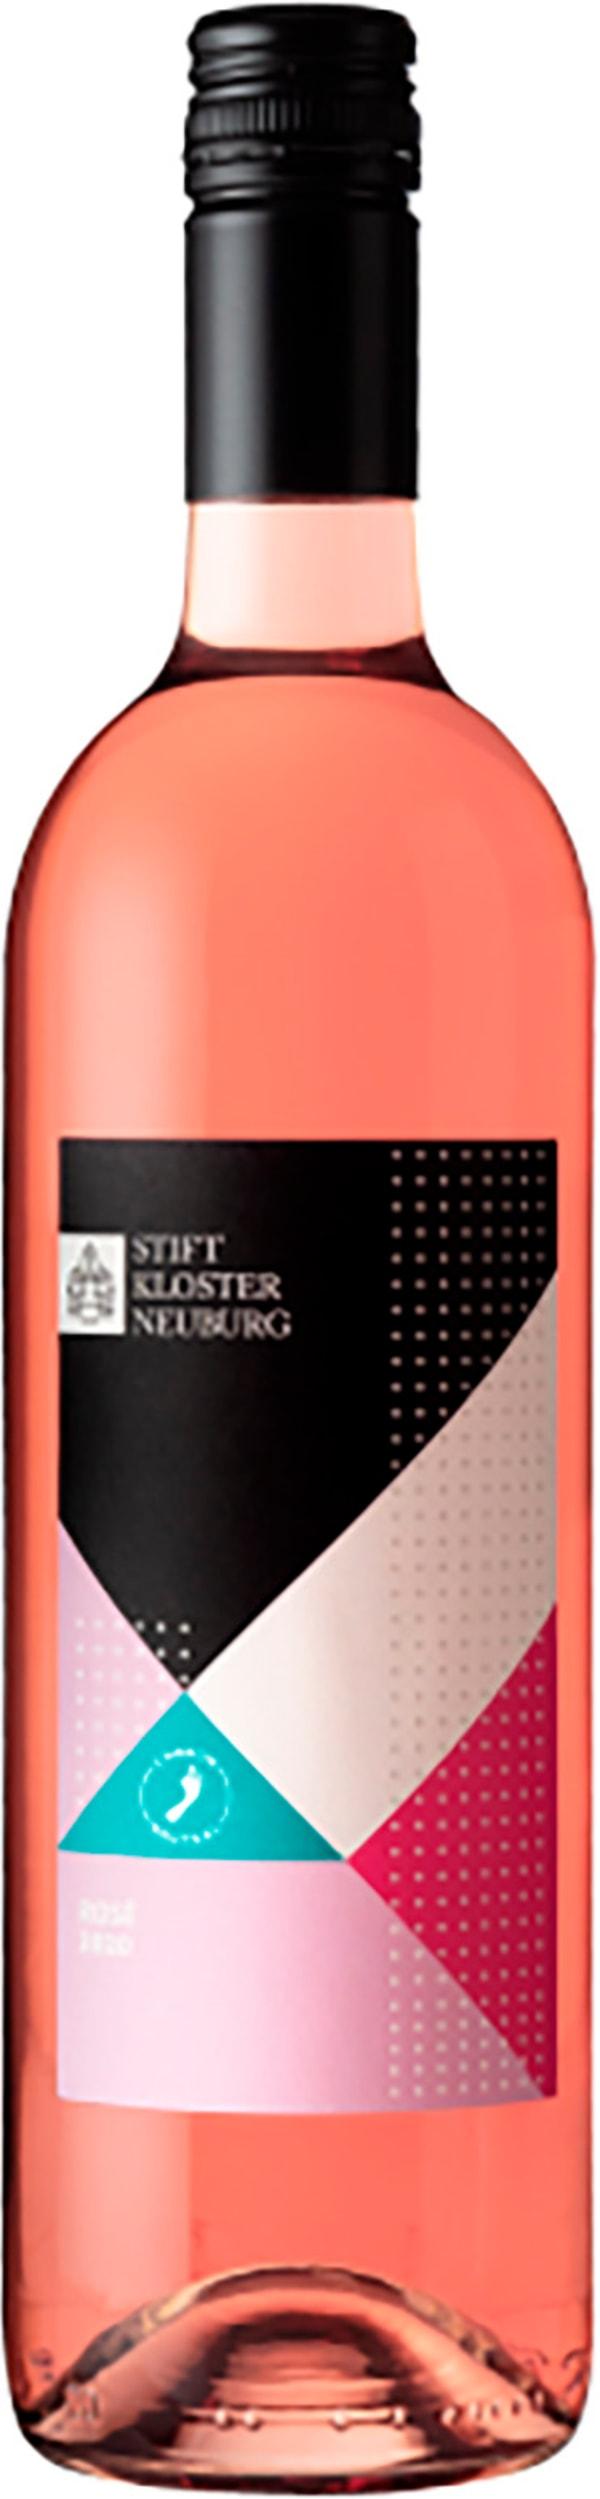 Stift Klosterneuburg Rosé 2020